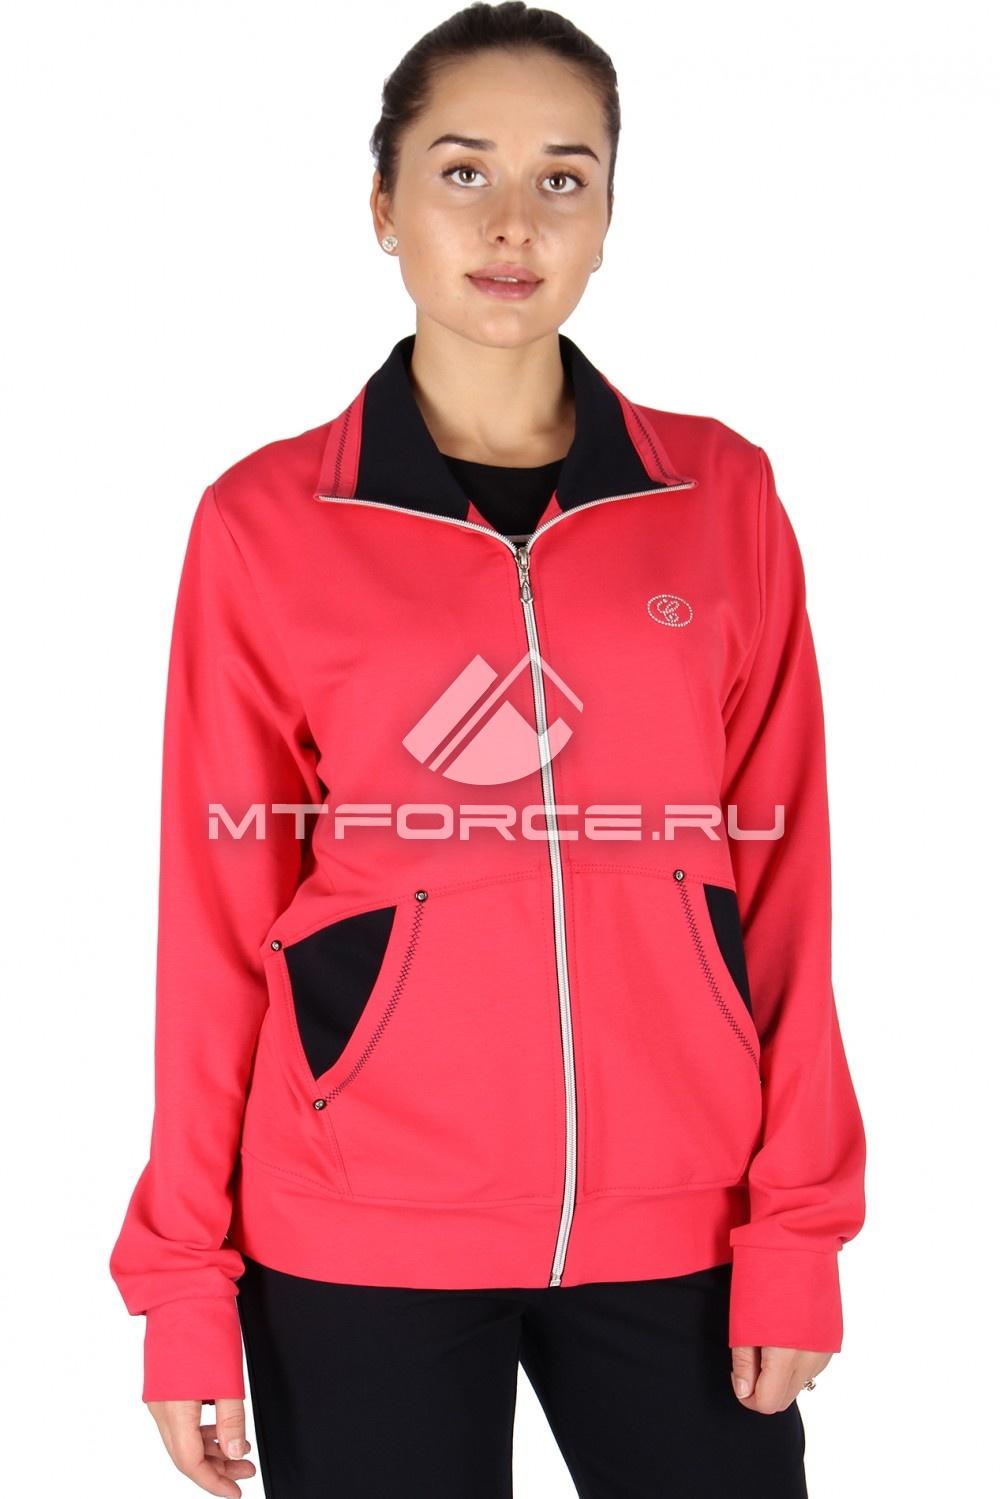 Купить                                  оптом Олимпийка женская большого размера персикового цвета 021P